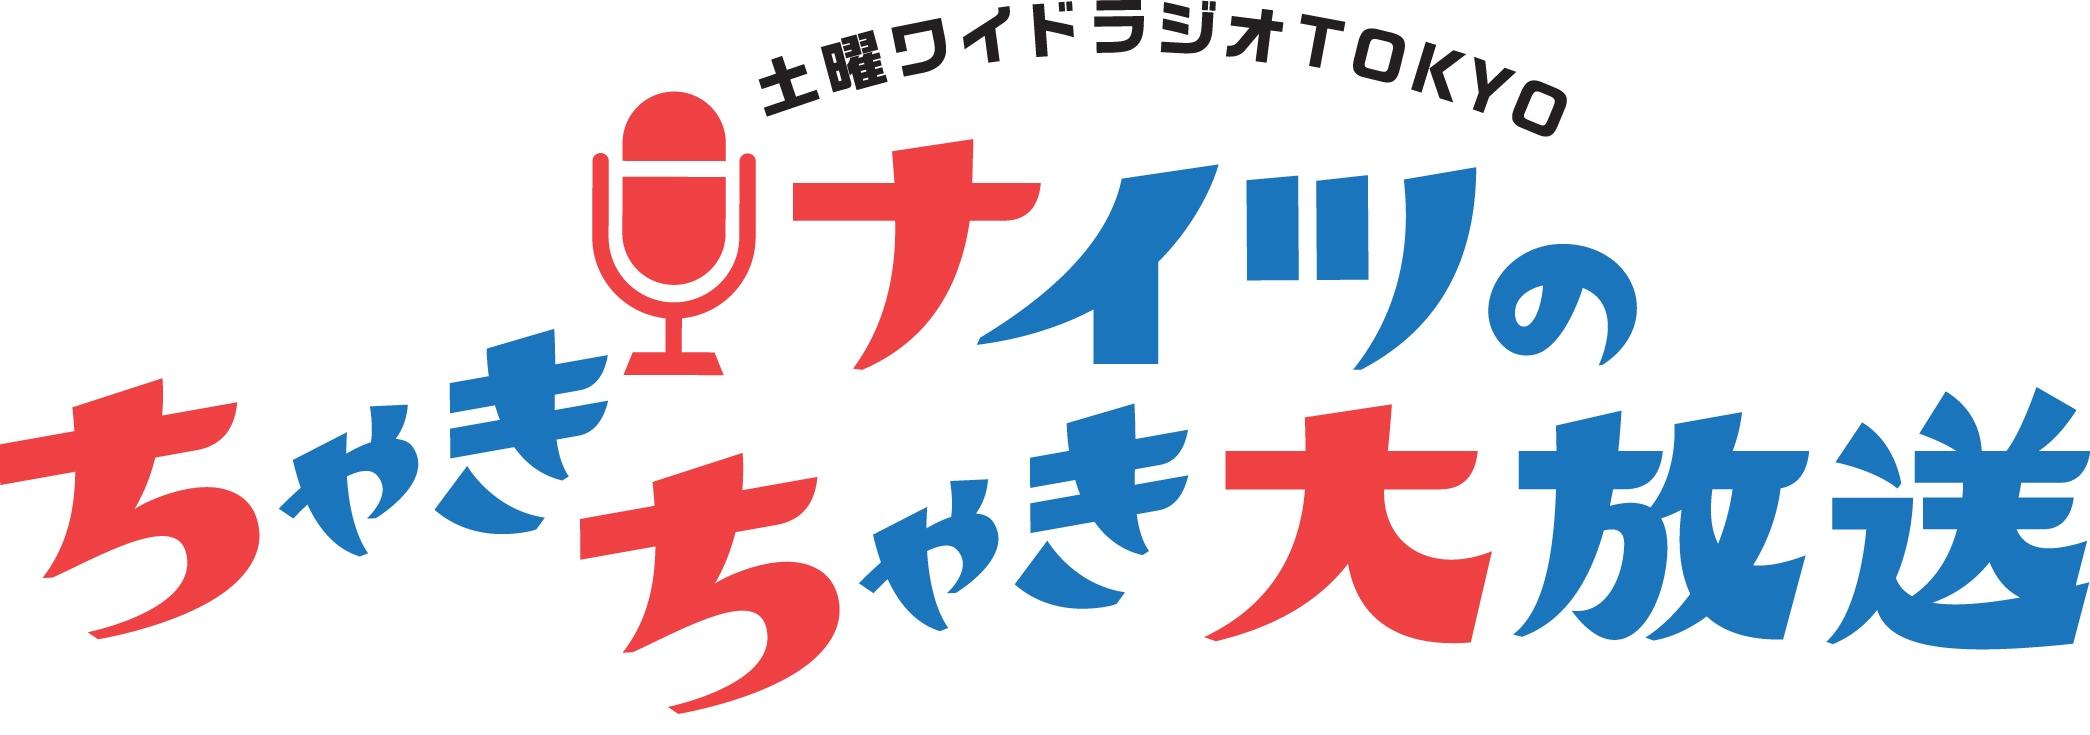 ラジフェス2018 オープニングセレモニー & ナイツのちゃきちゃき大放送 公開生放送